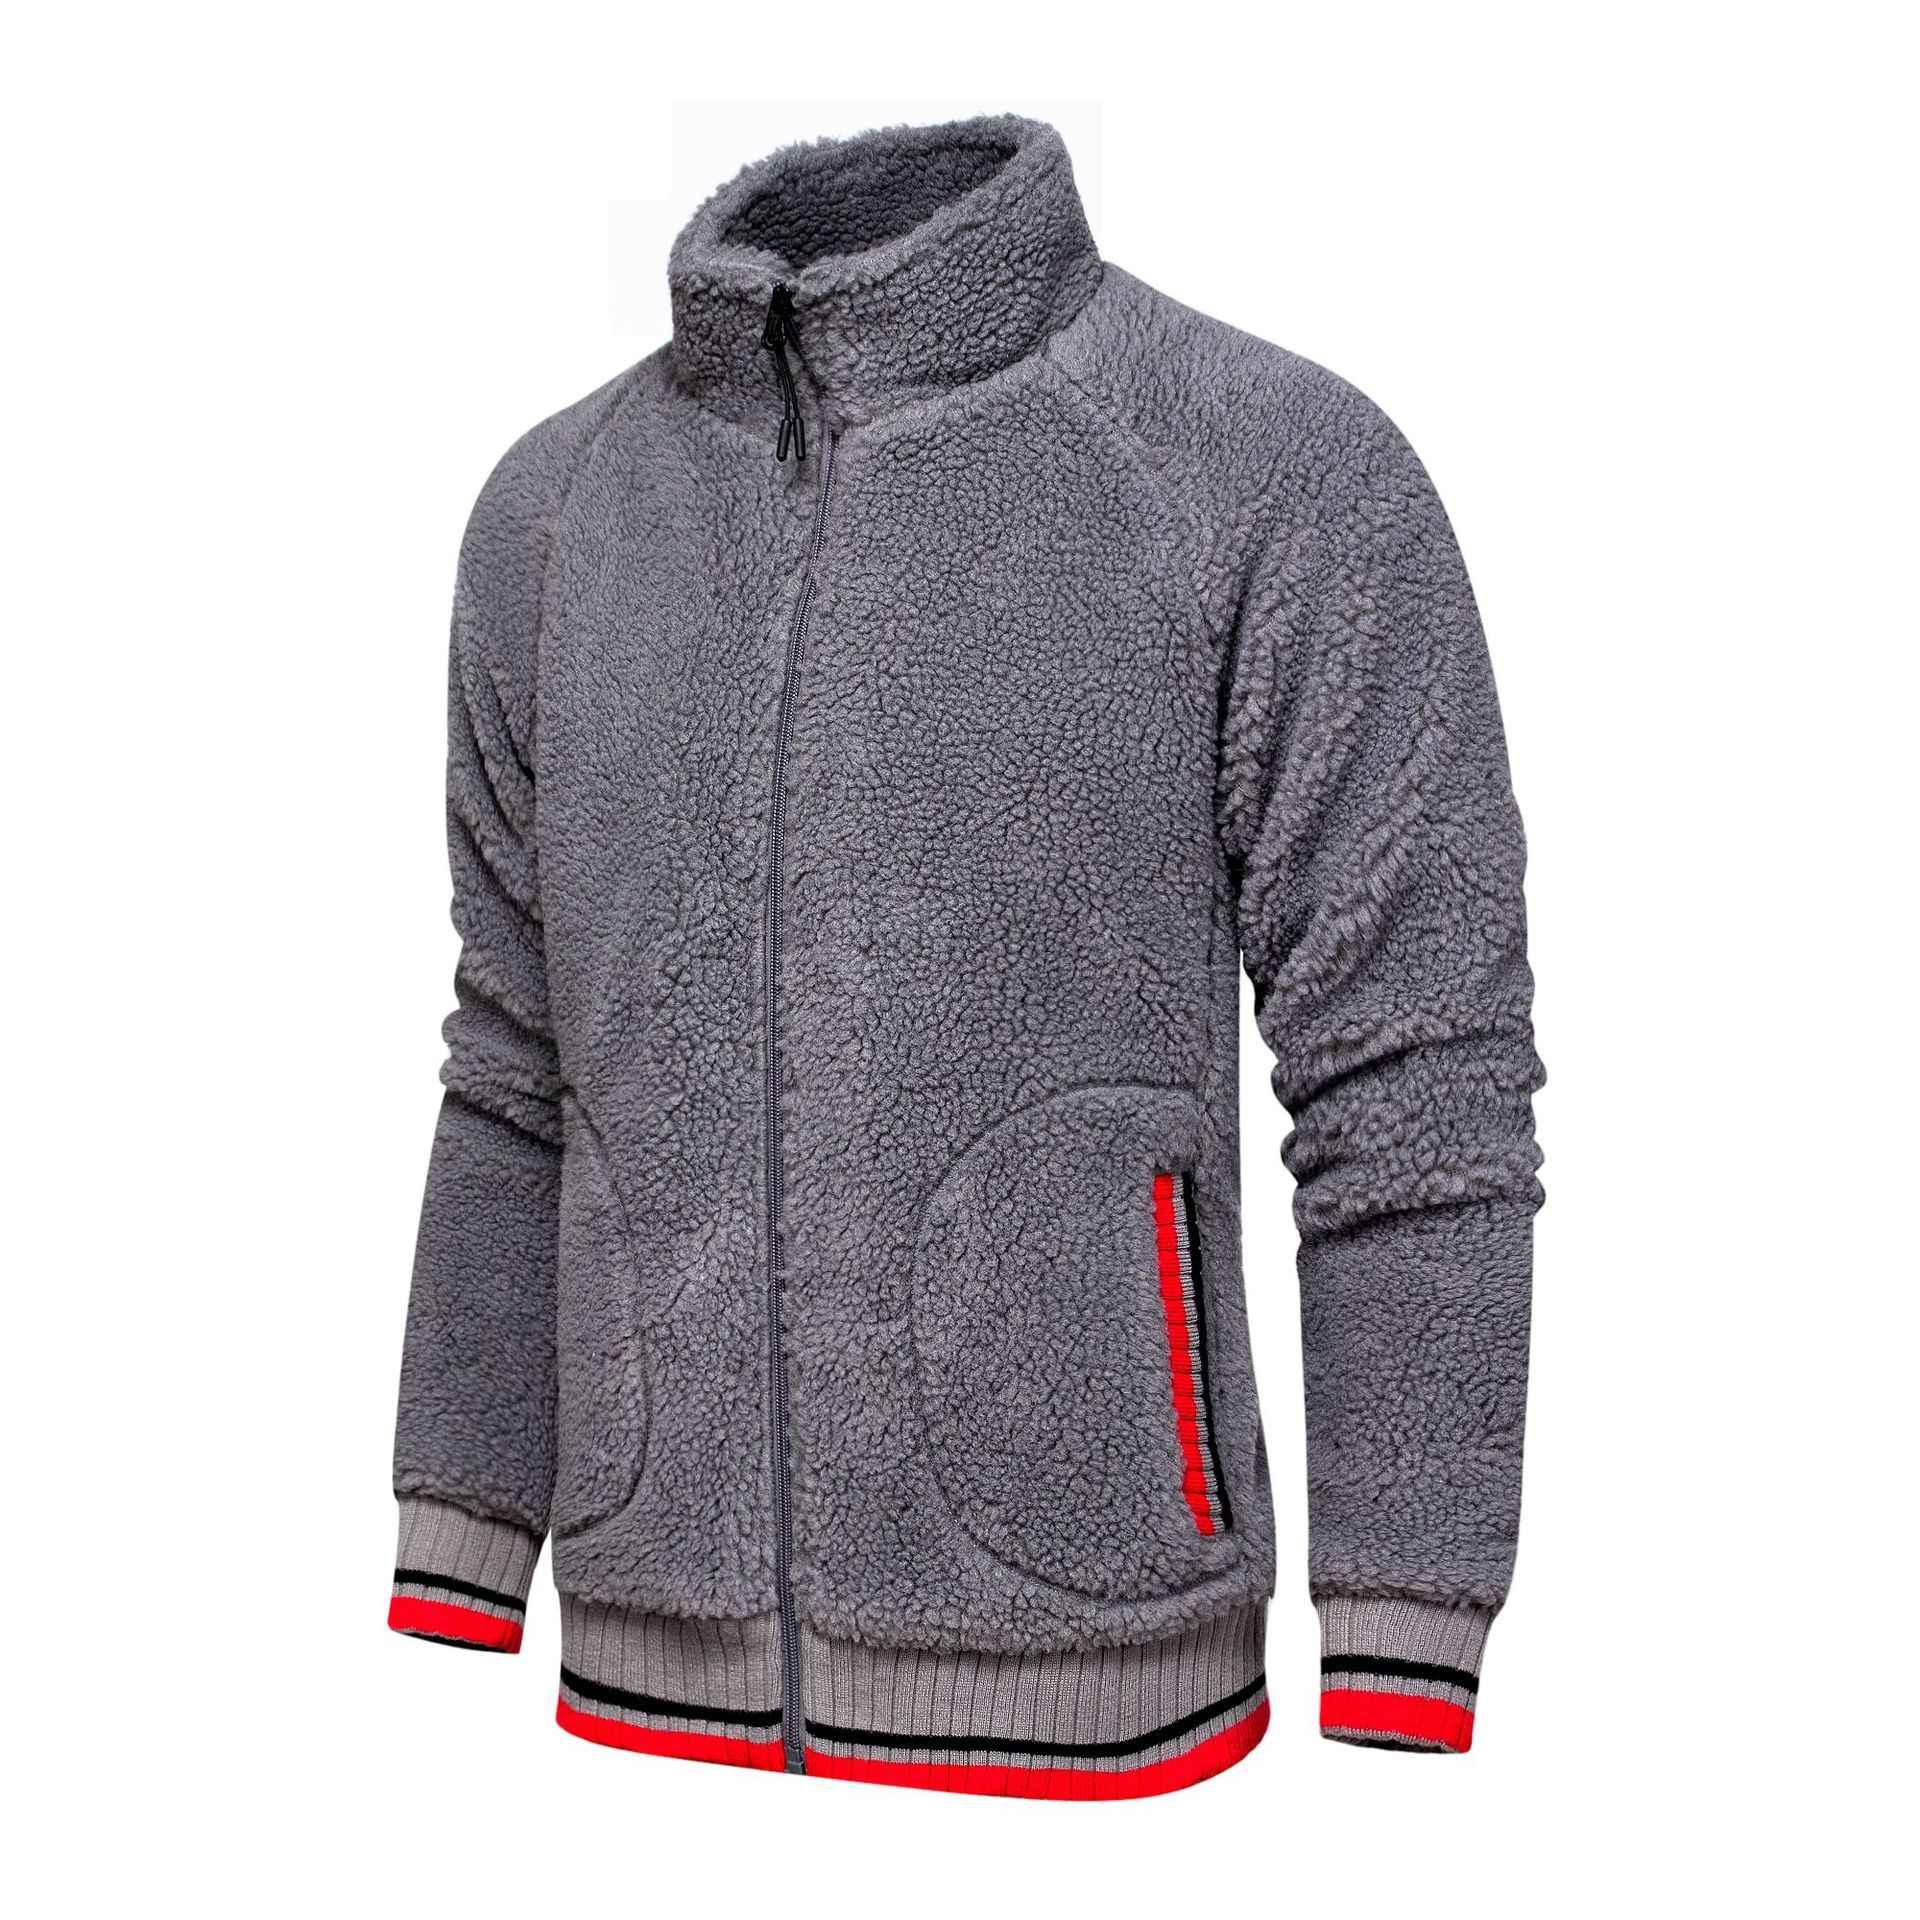 Qualität Winter Dicke Jacke Männer Sweatshirts, Hoodies Männlichen Casual Männer Sweatshirt Hip Hop Cardigans Herren Jacken und Mäntel